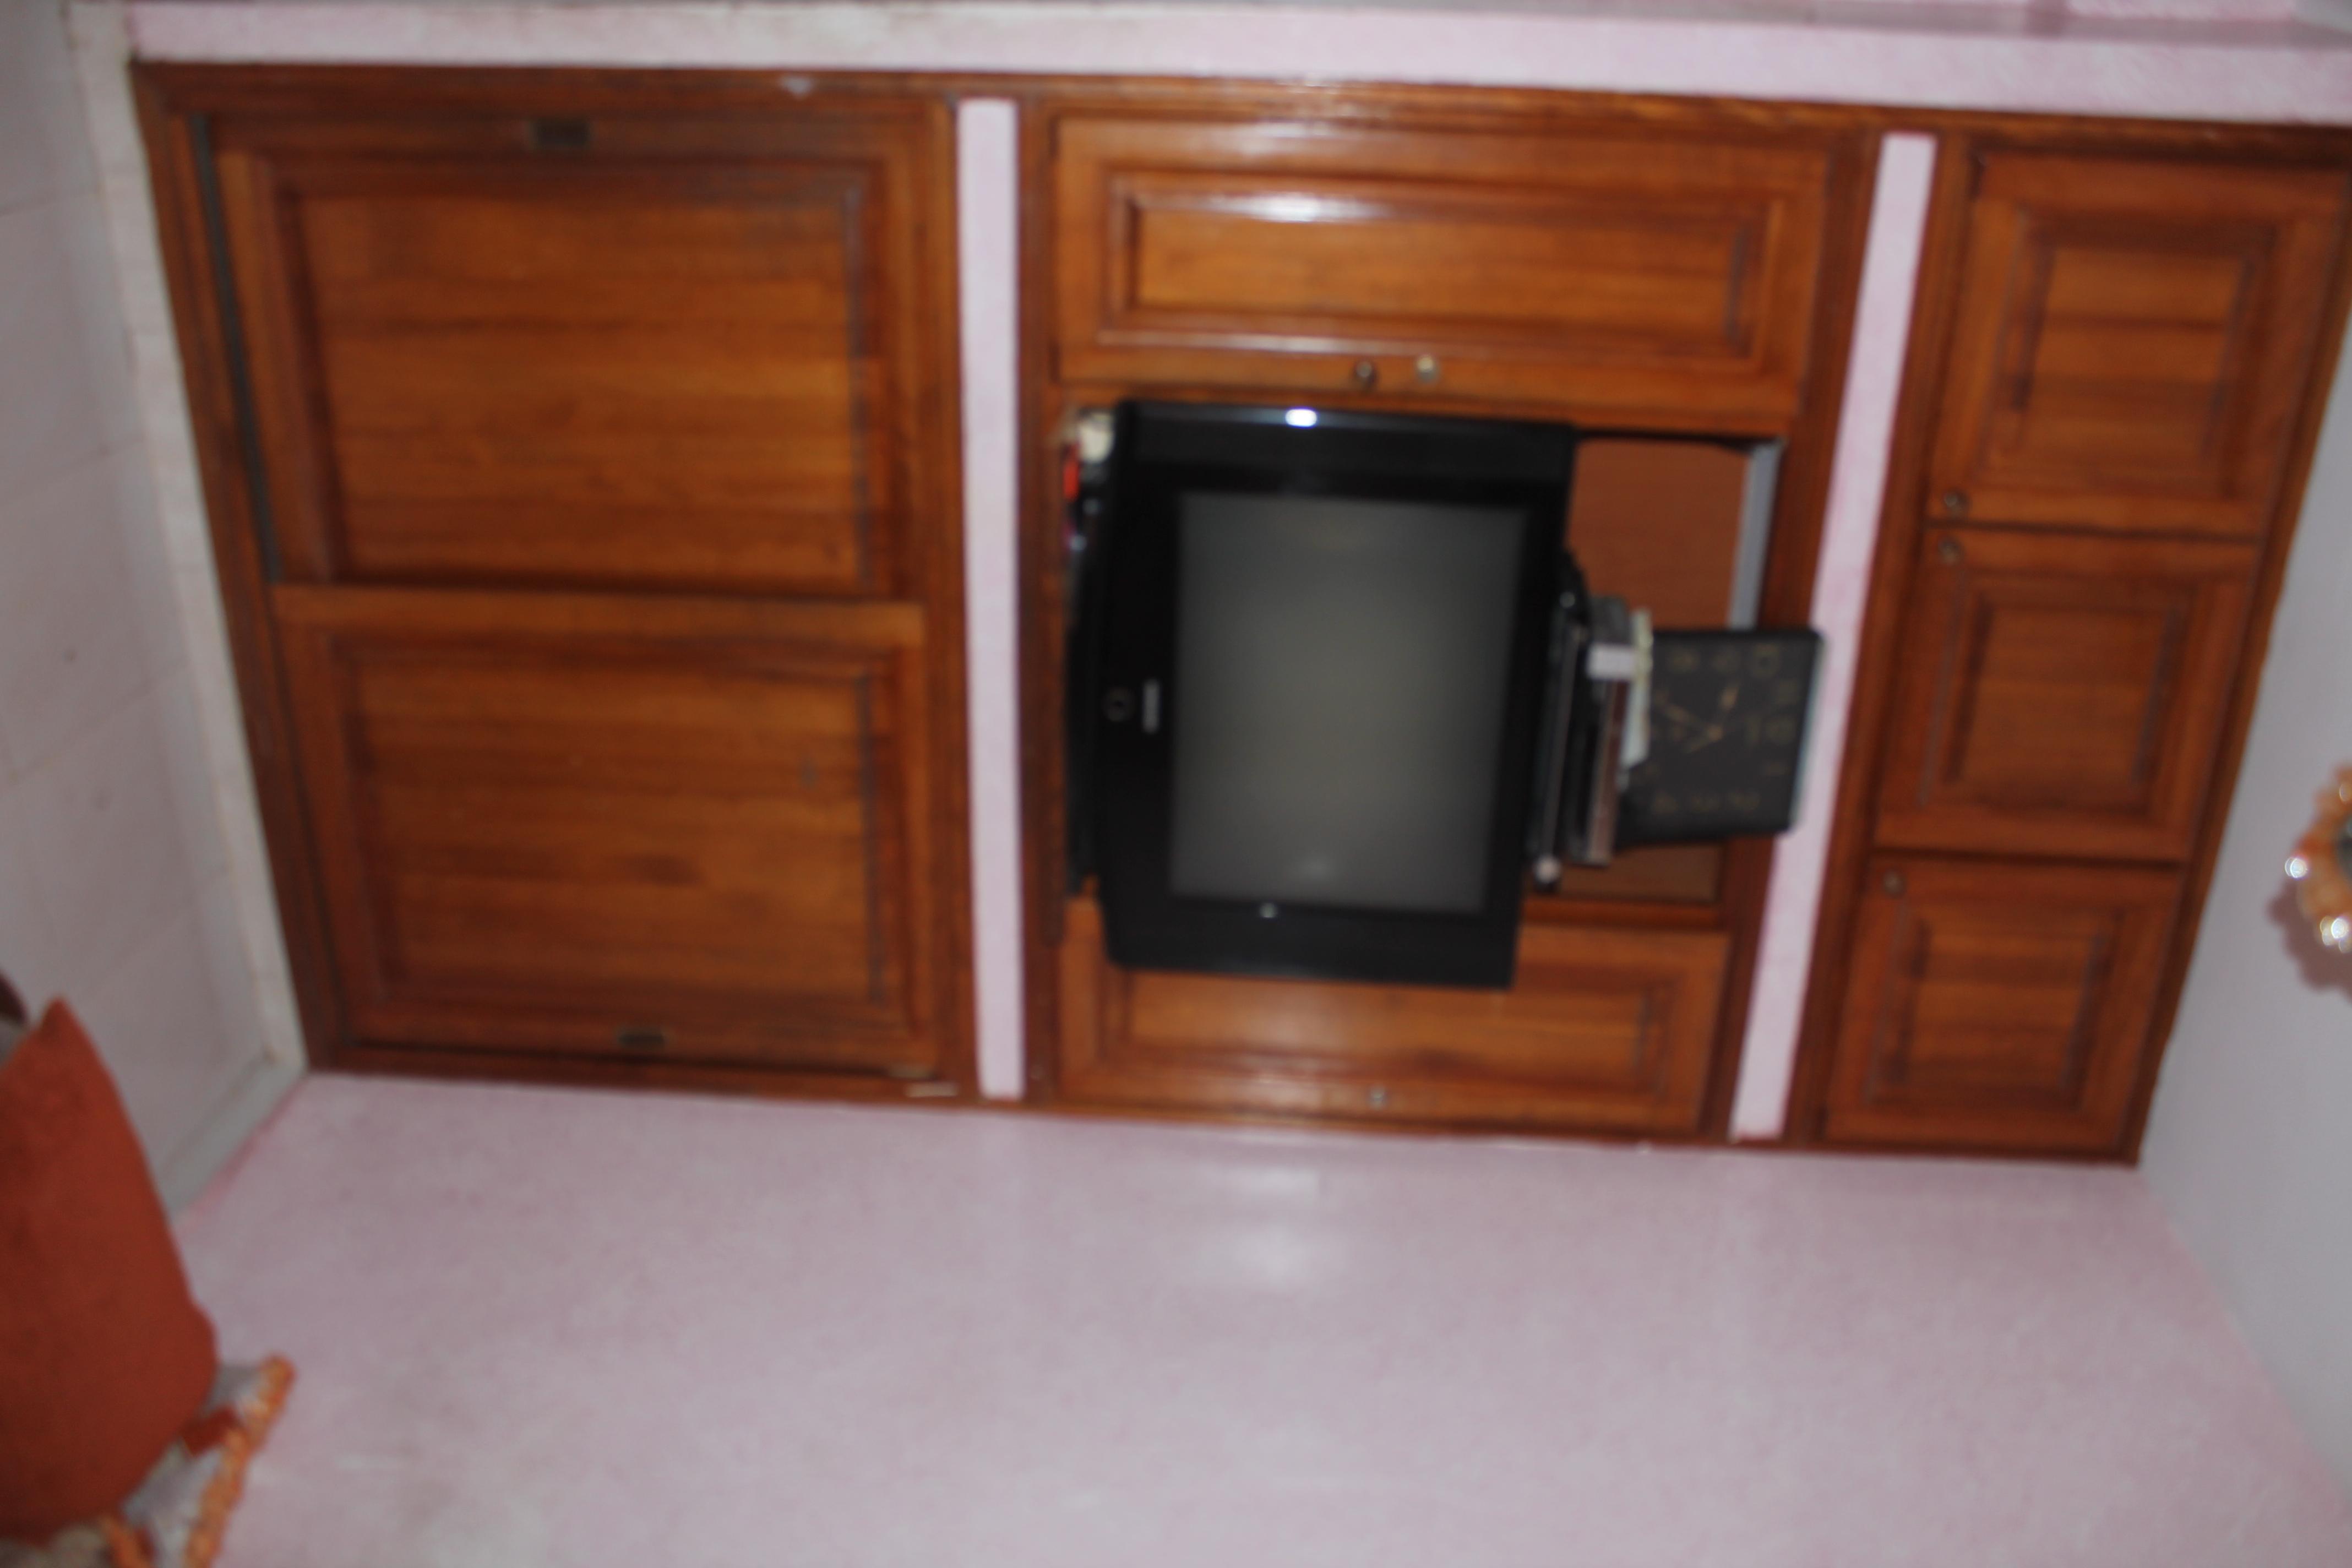 Appartement a vendre achat grand casablanca - Cabinet administration de biens a vendre ...